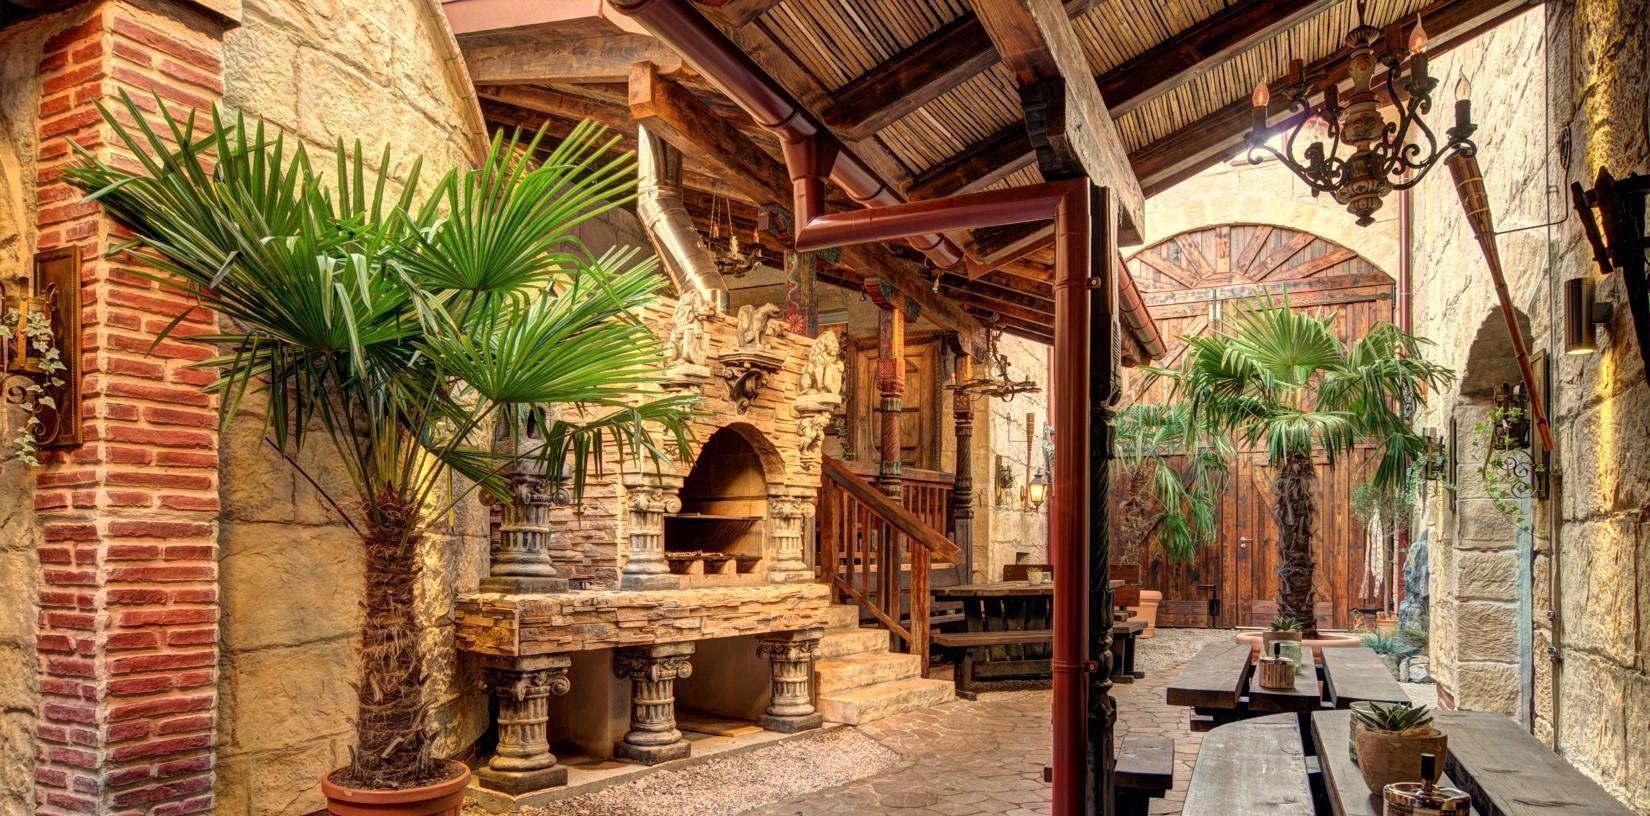 Anspruchsvoll Außergewöhnliche Ferienhäuser Dekoration Von Ein Außergewöhnliches